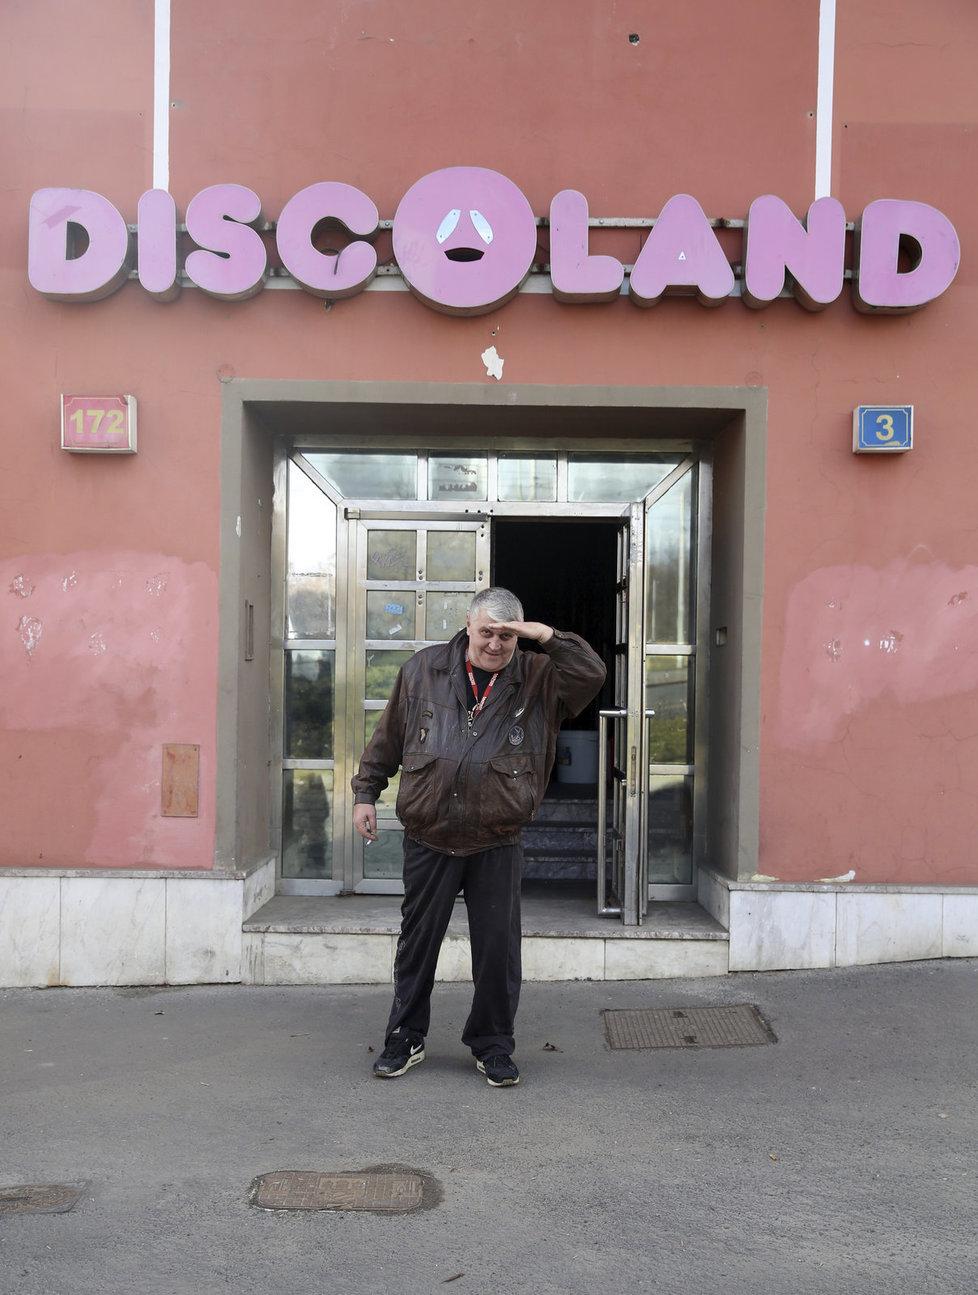 Jonák doufal, že Discoland postaví znovu na nohy.